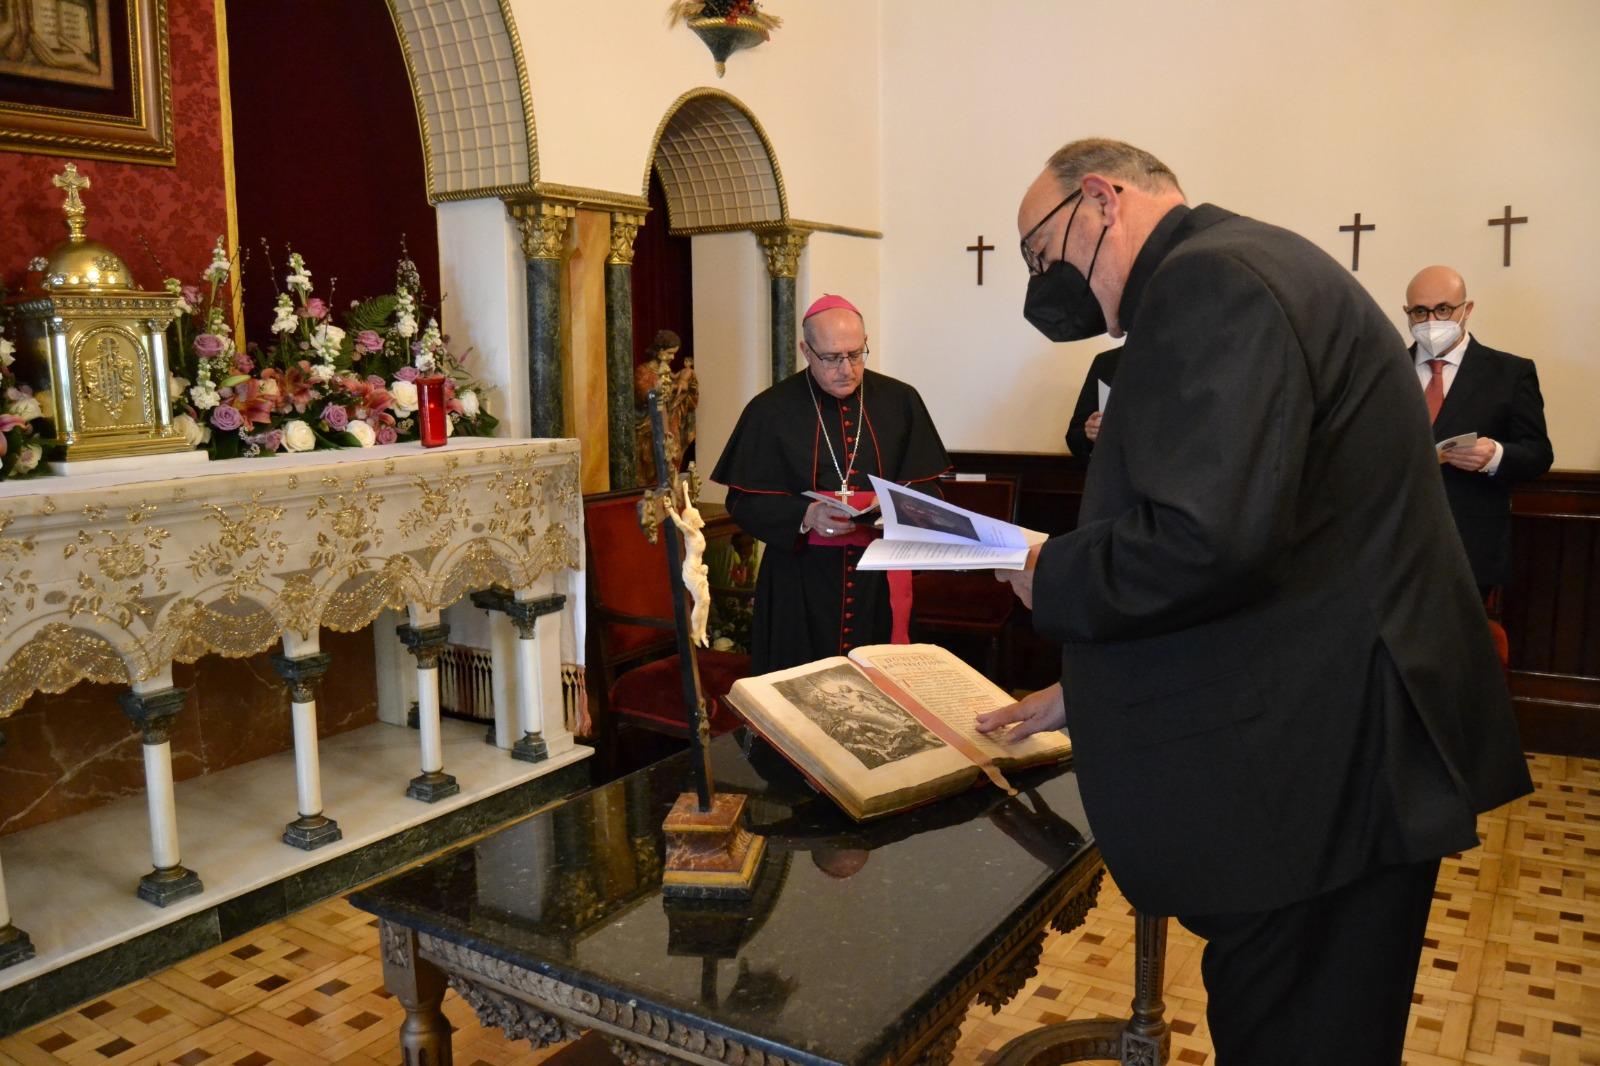 El religioso agustino P. Emilio Rodríguez Claudio, ha tomado posesión como Vicario General de la Diócesis de Huelva. El nombramiento se hizo público el 14 de abril.